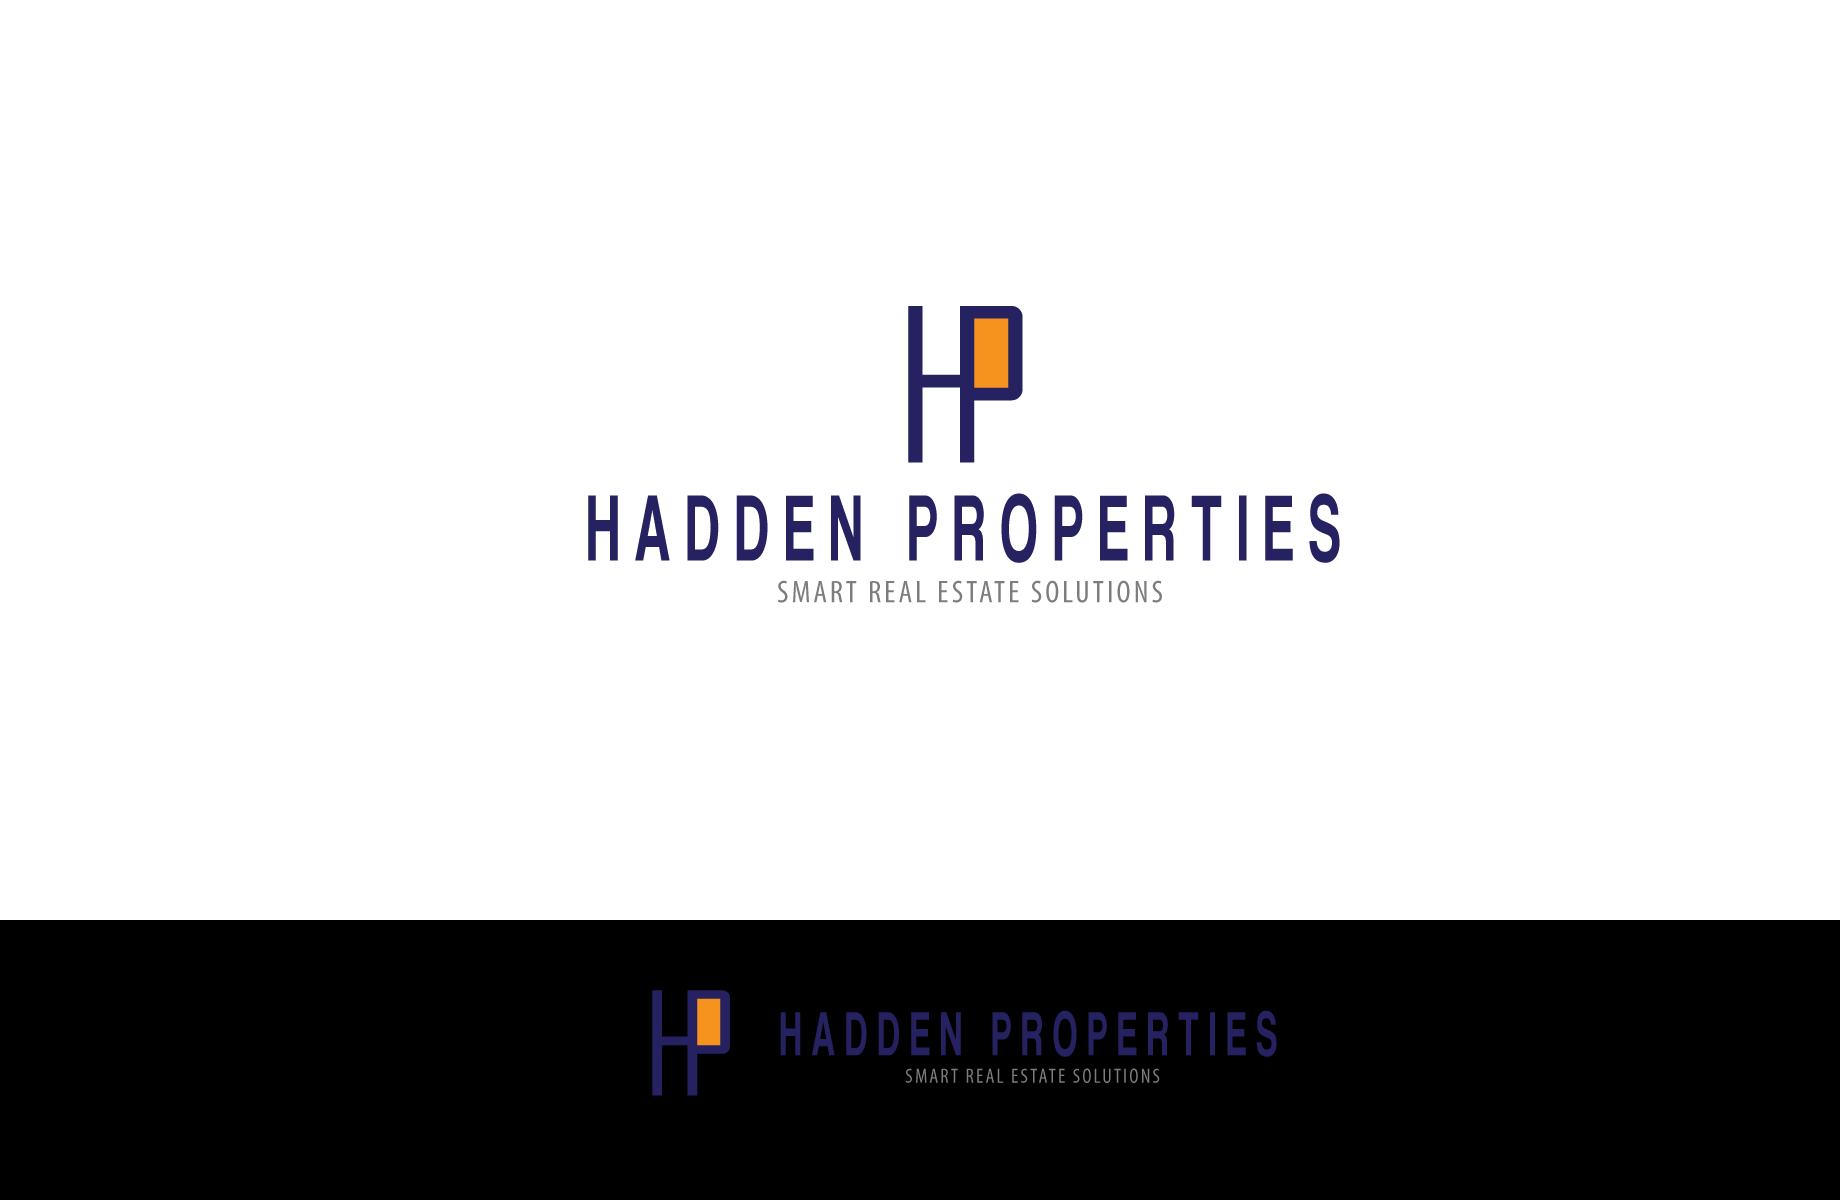 Logo Design by Jan Chua - Entry No. 49 in the Logo Design Contest Artistic Logo Design for Hadden Properties.